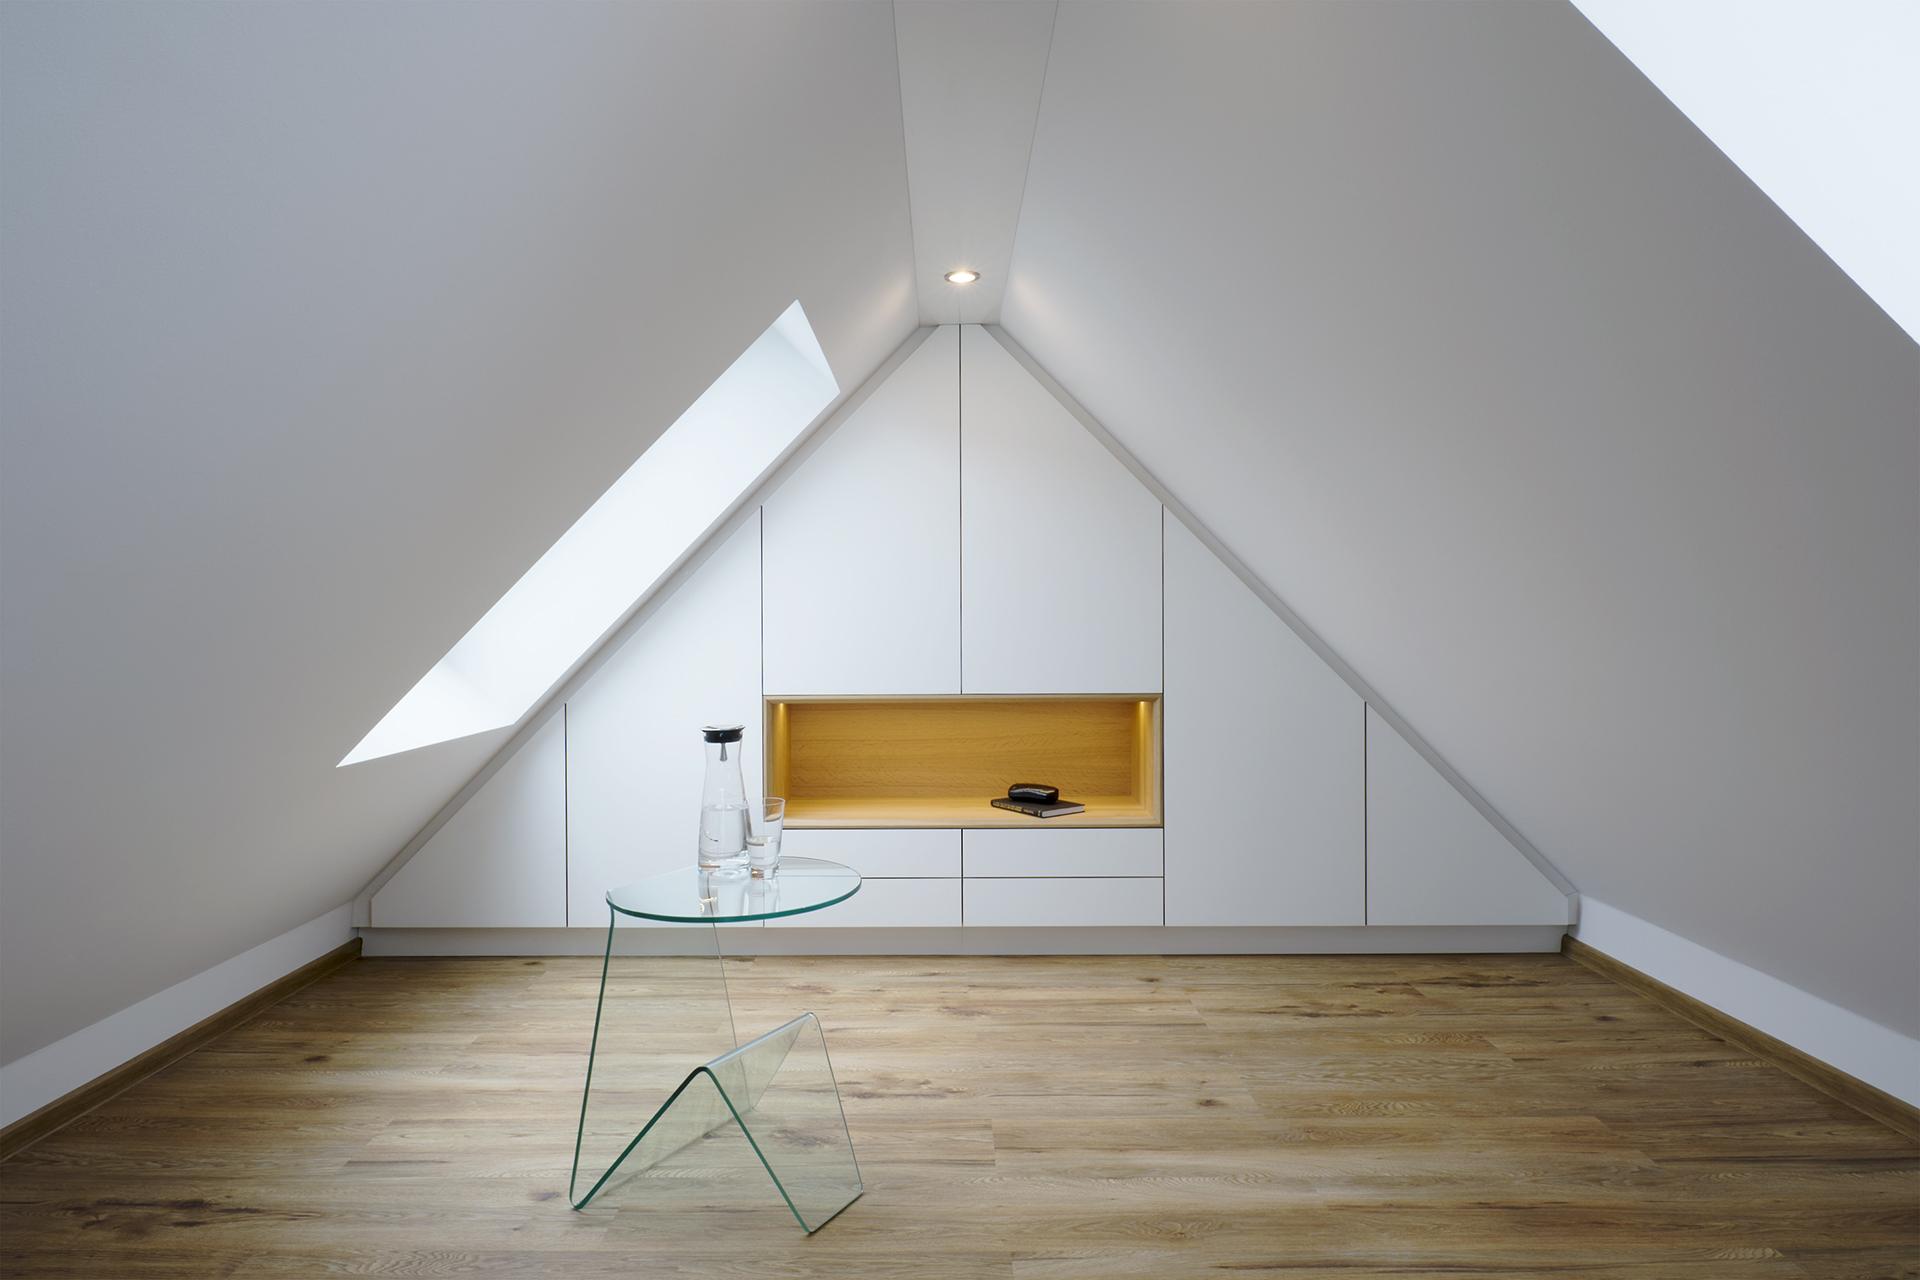 Dachboden, Spitzboden, Einbauschrank, Koepke und Kasiske, Tischlerei Rügen